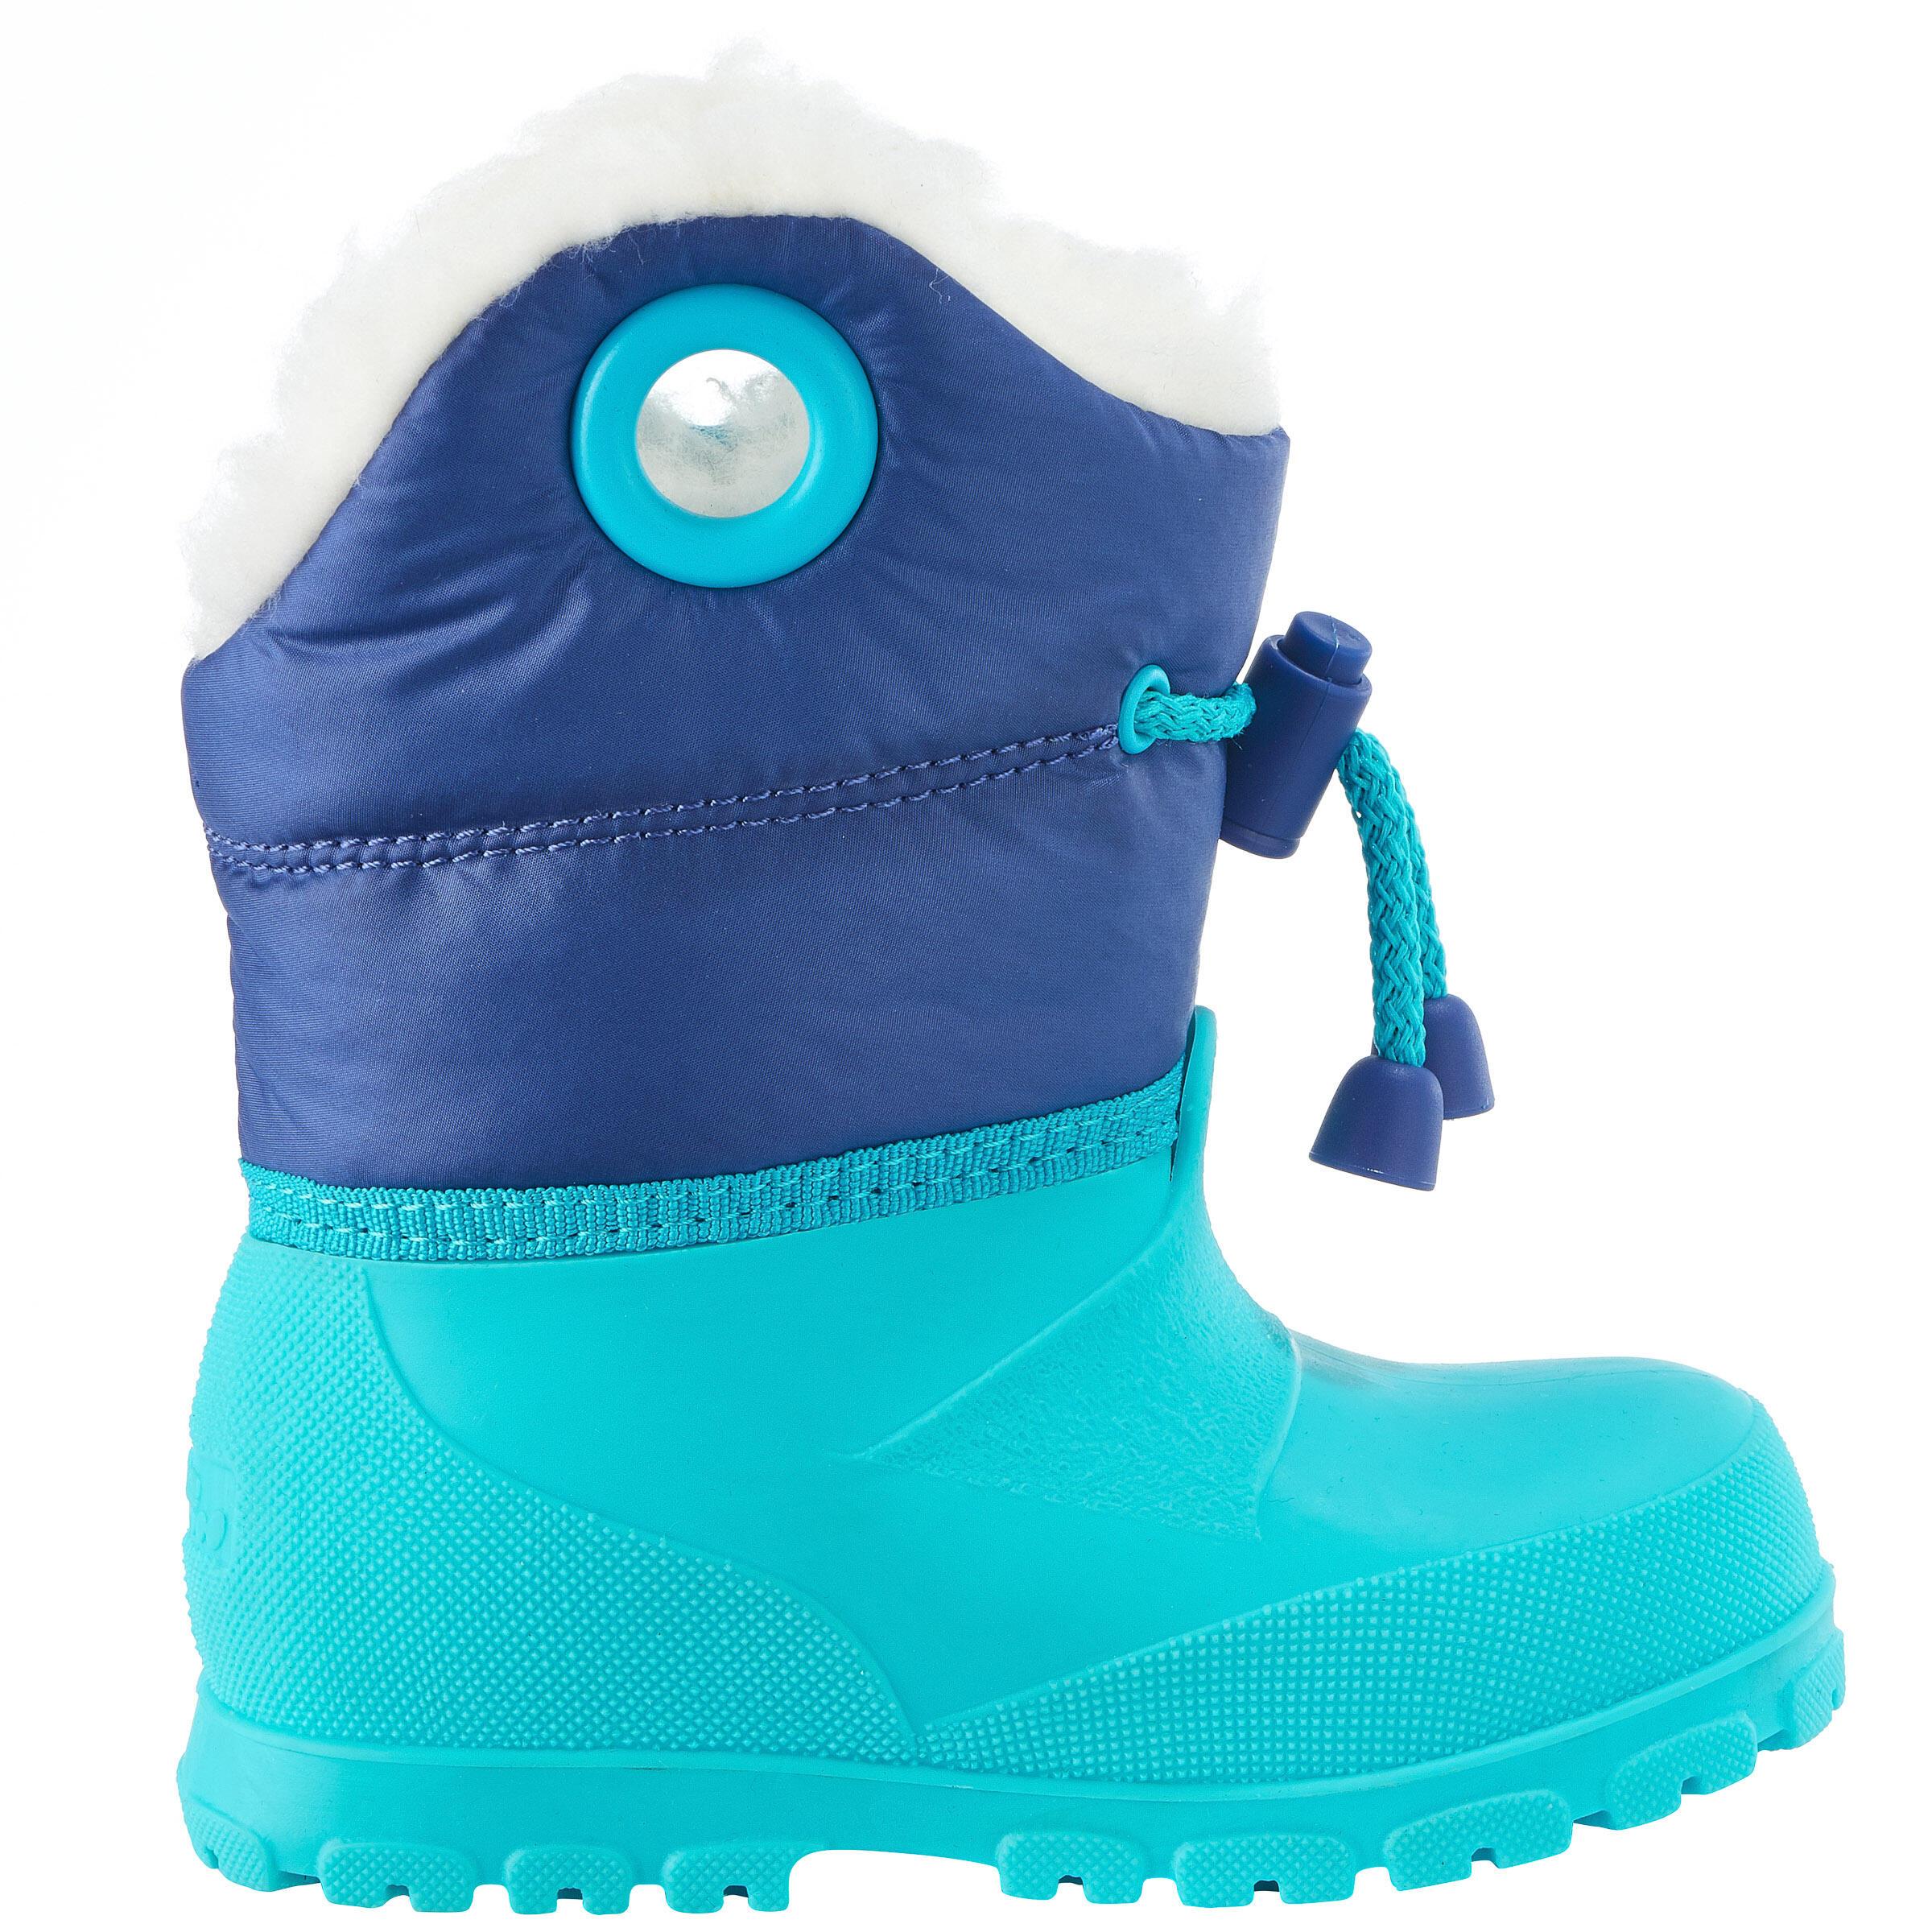 Zapatos 2018 zapatos genuinos nuevo estilo Botas de nieve / trineo bebé WARM azul